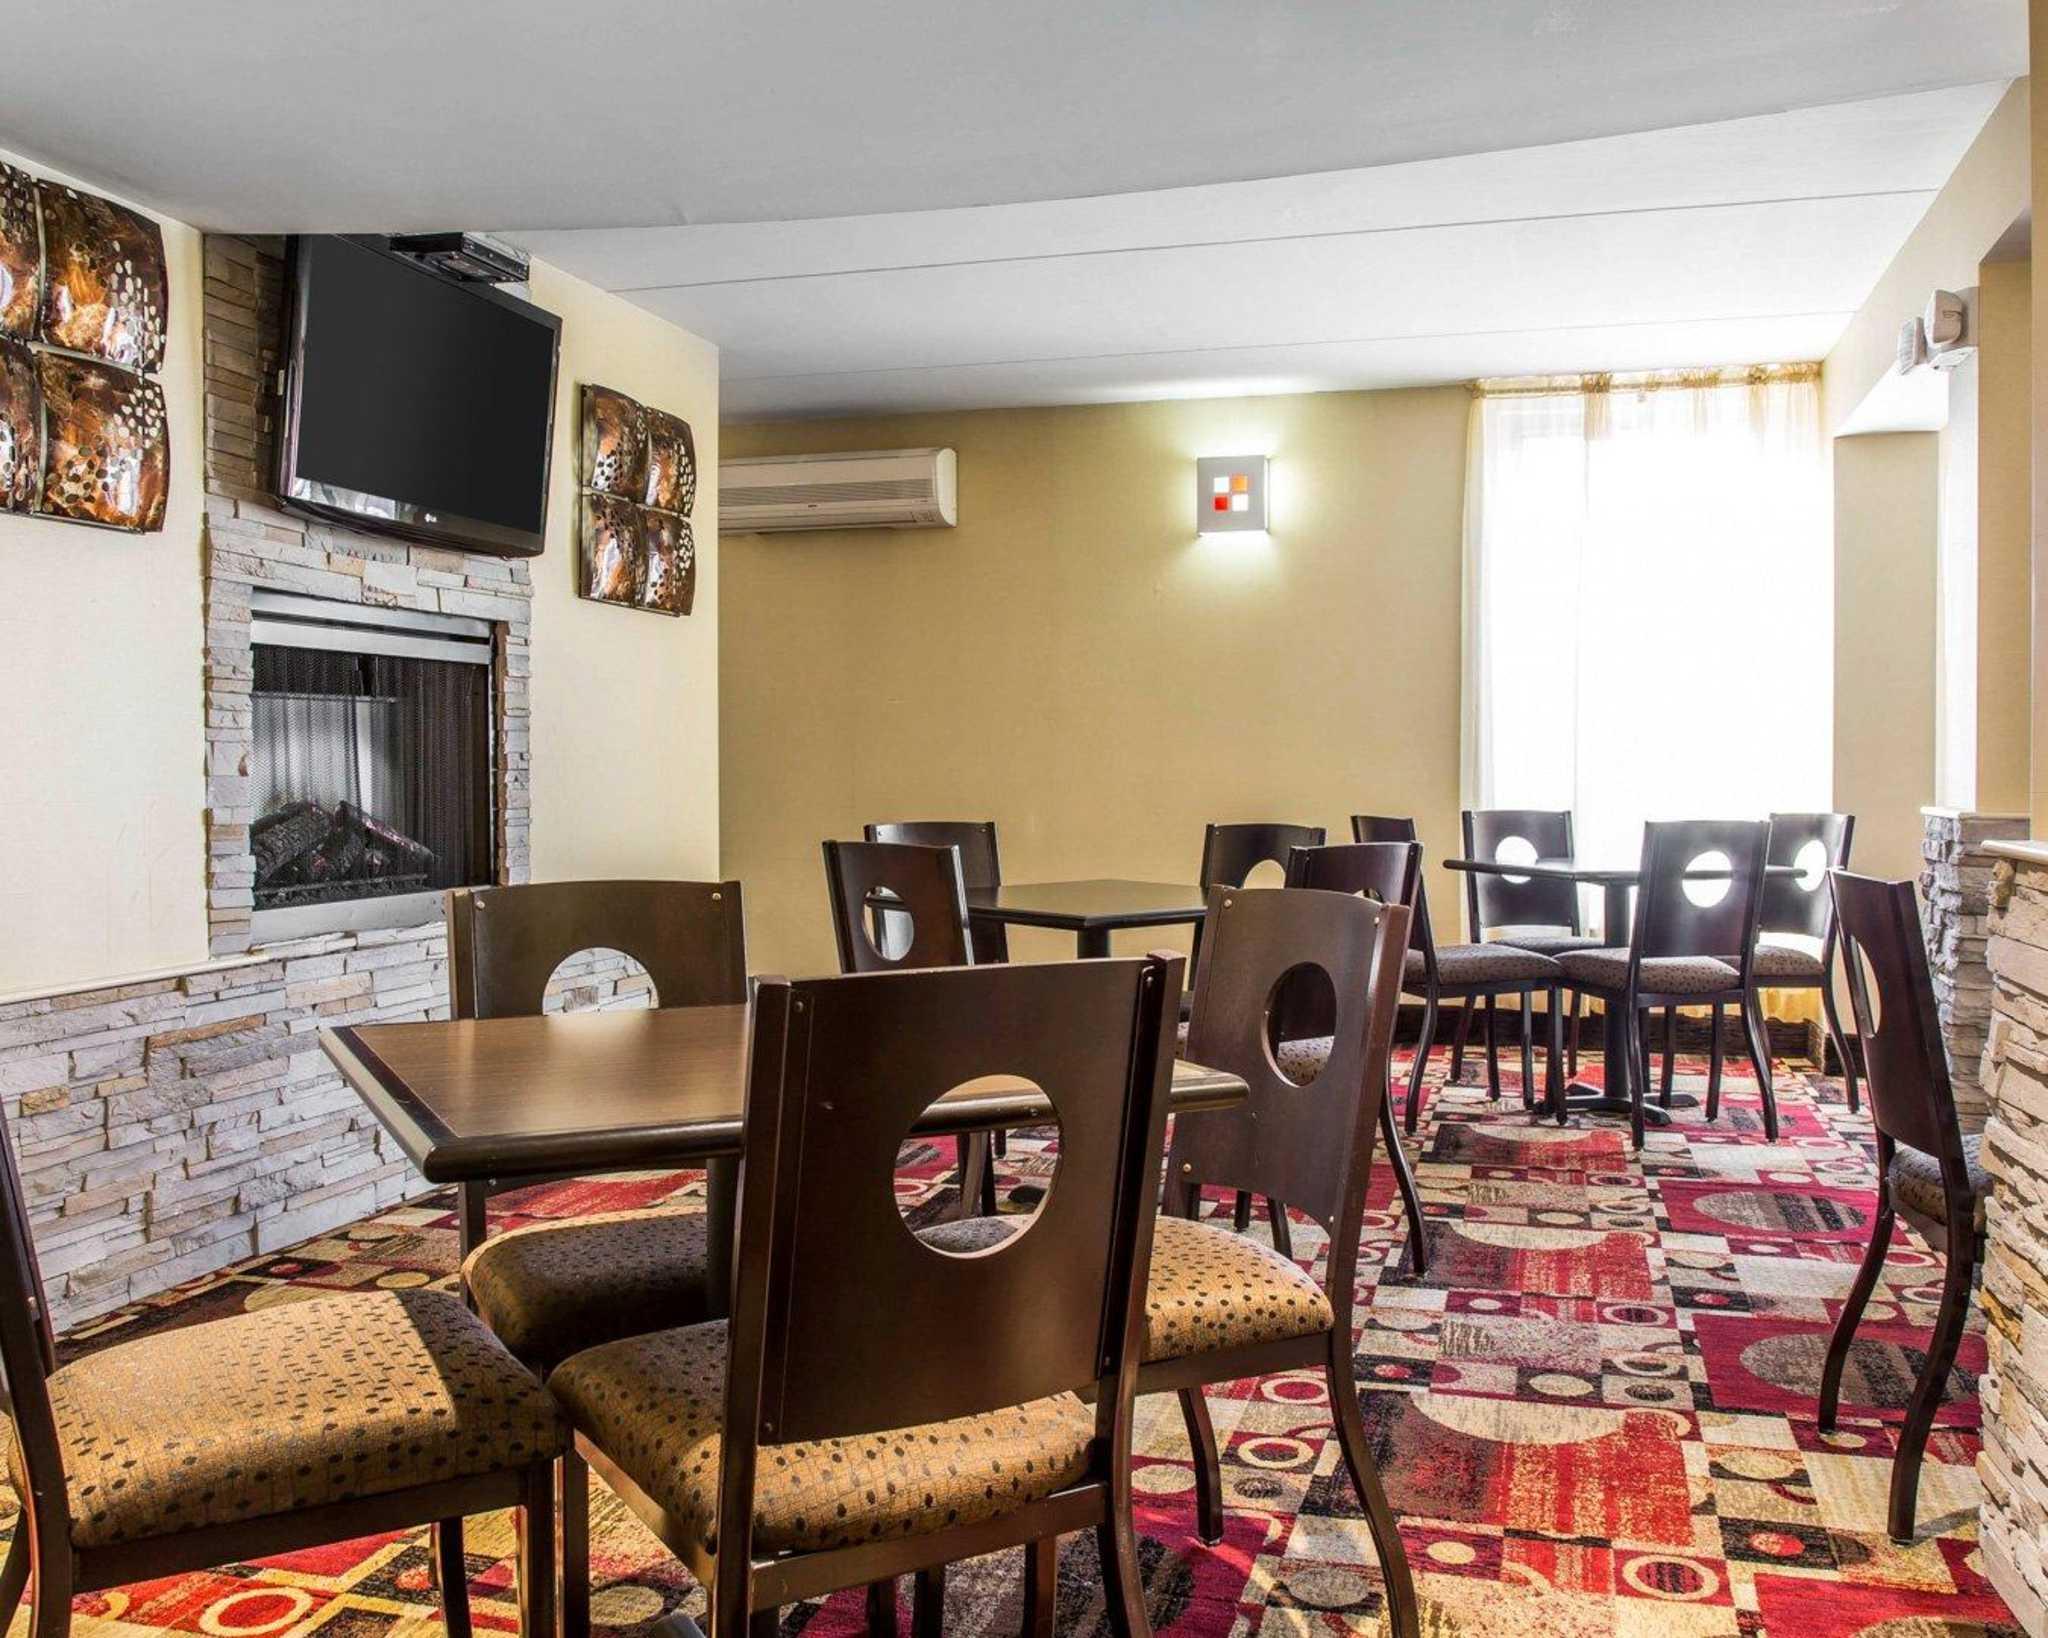 Comfort Inn & Suites East Hartford - Hartford image 23